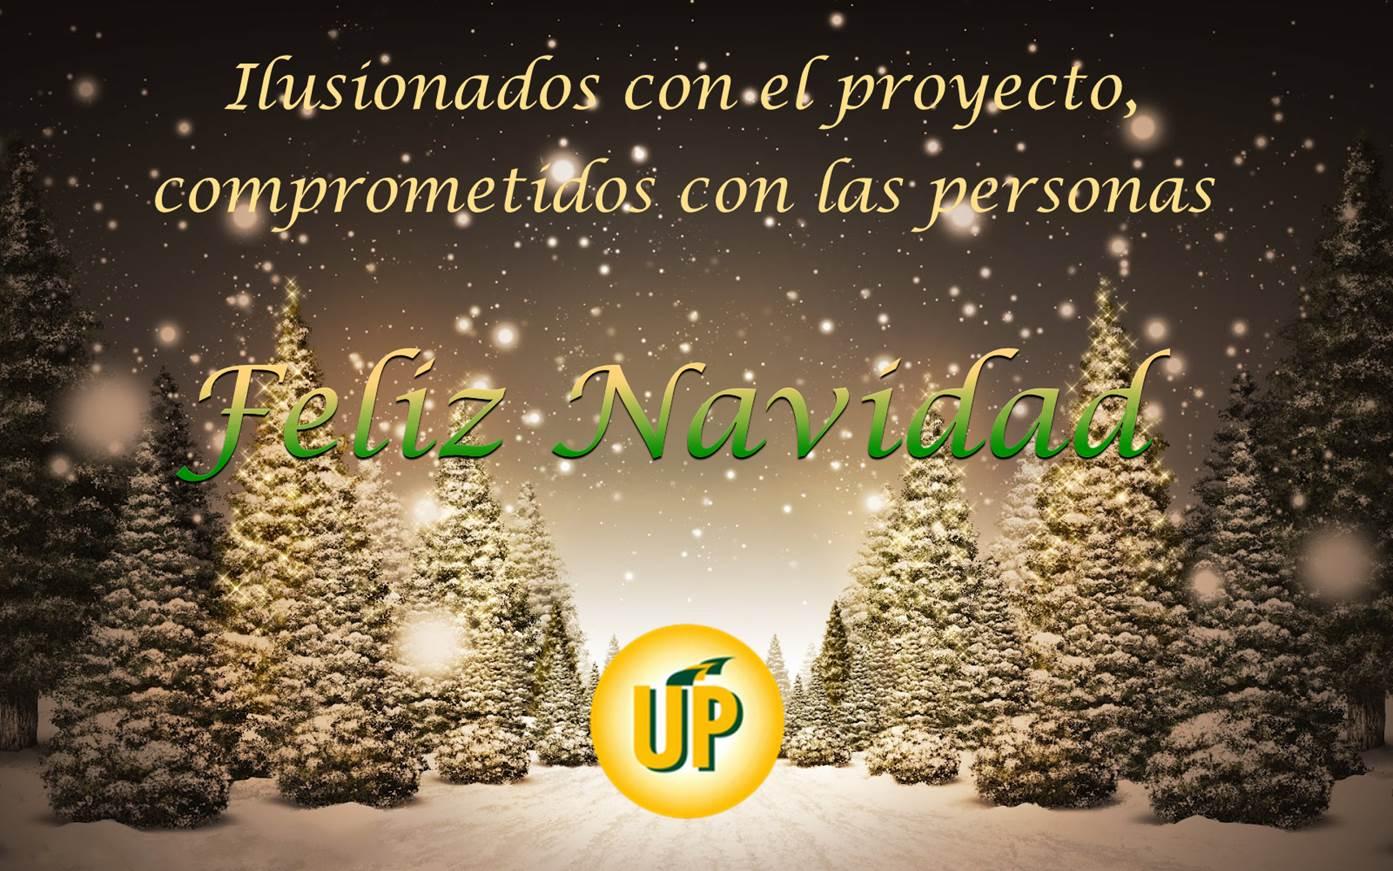 Felicitación Navideña UP